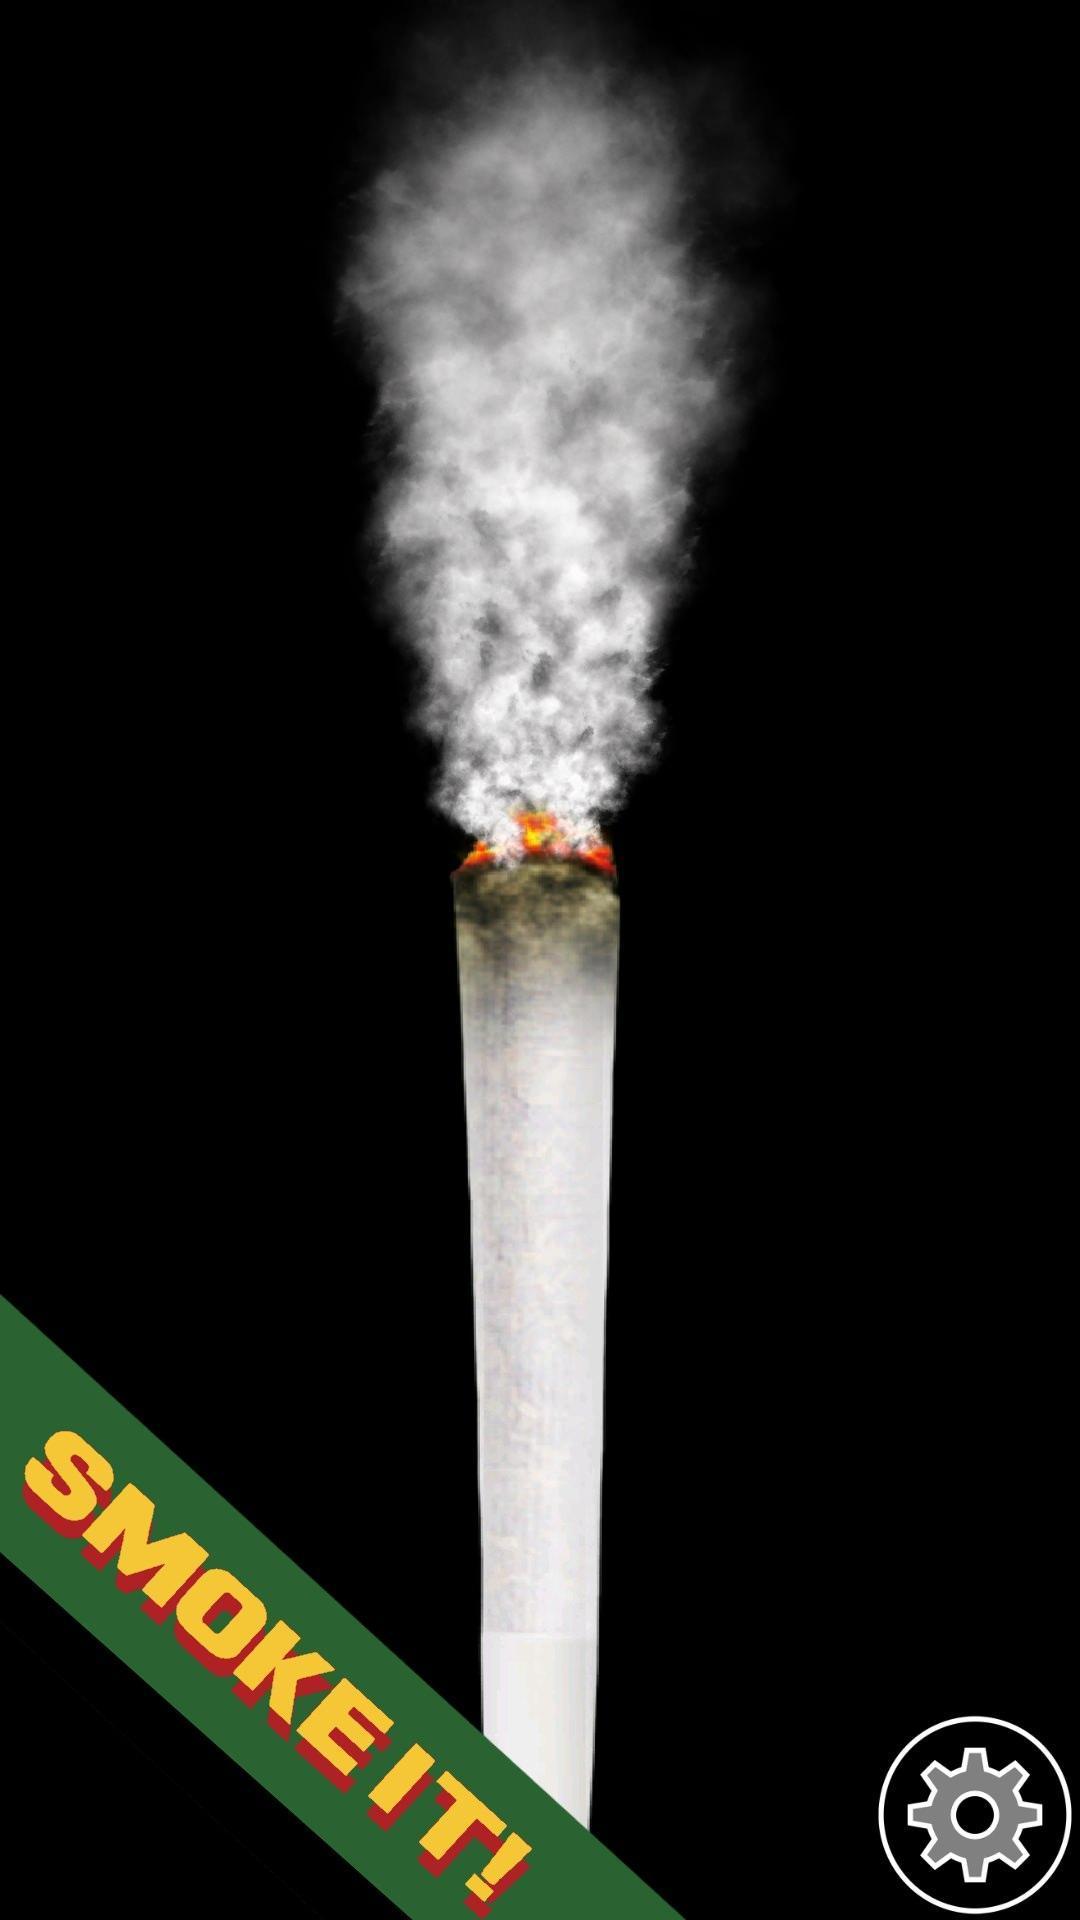 Скачать игру курить на коноплю на андроид купить марихуану наложенным